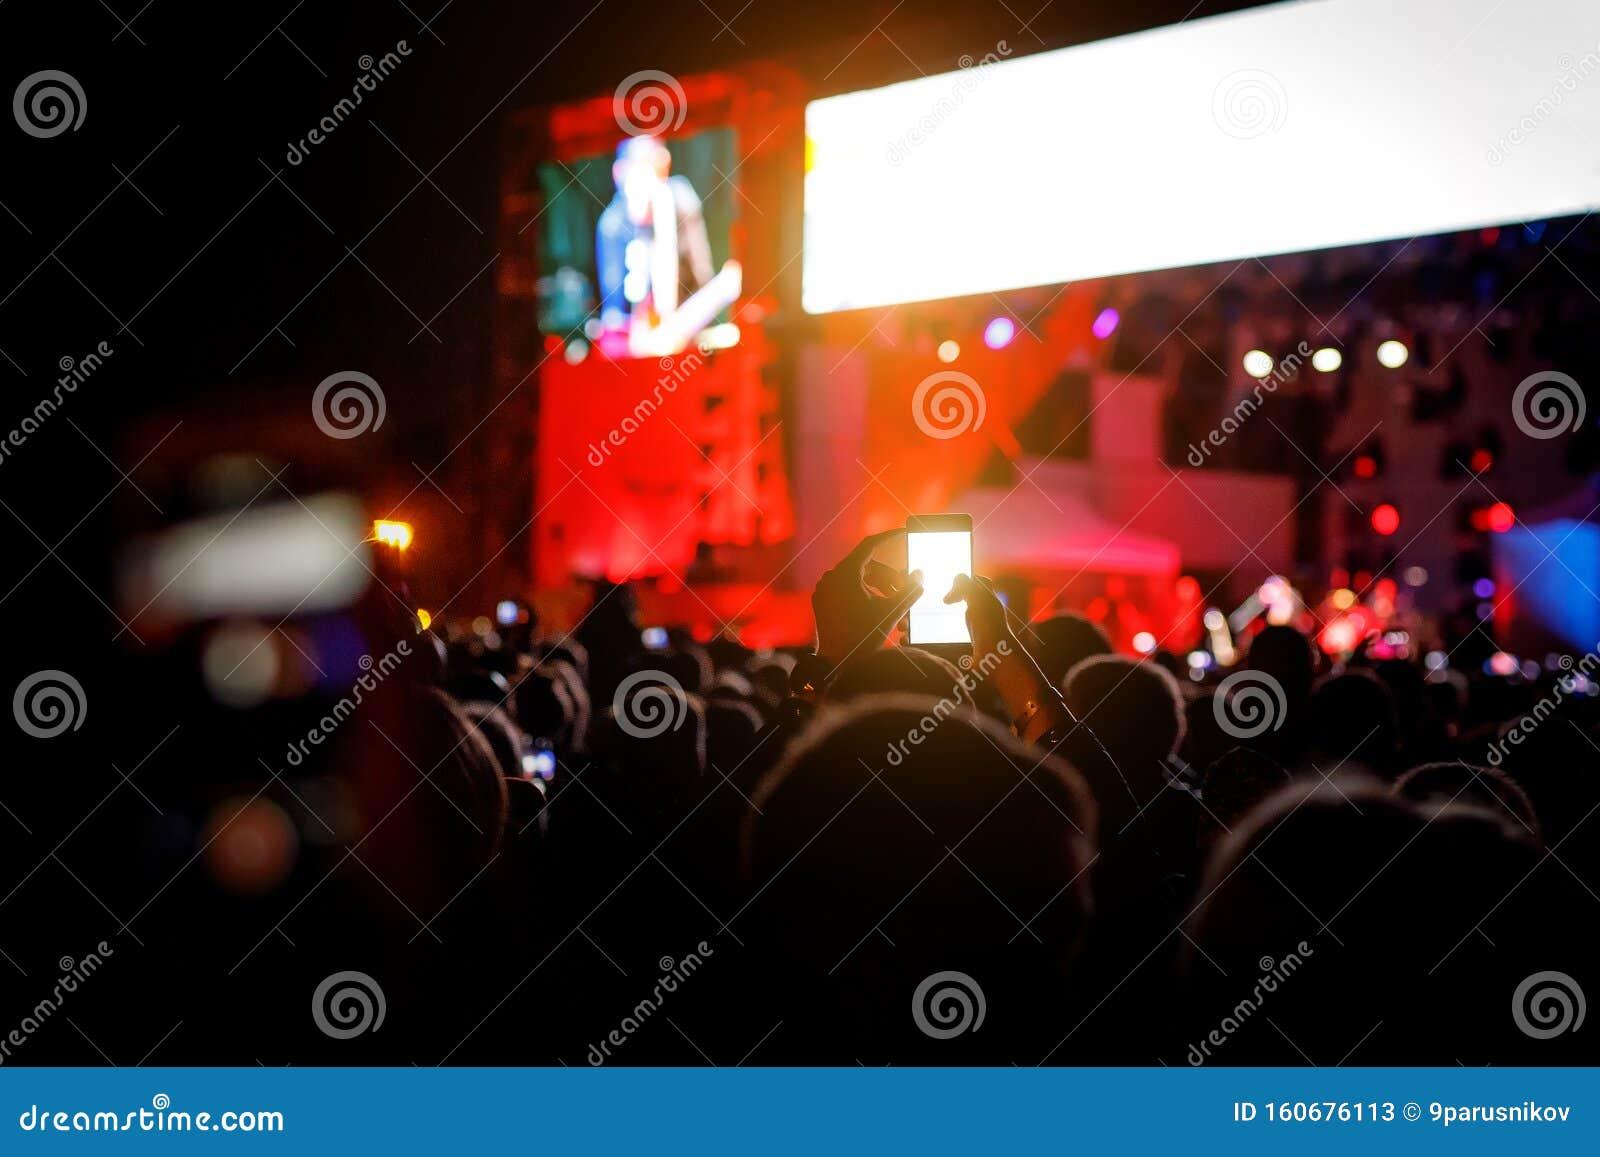 ночной клуб с мобильного